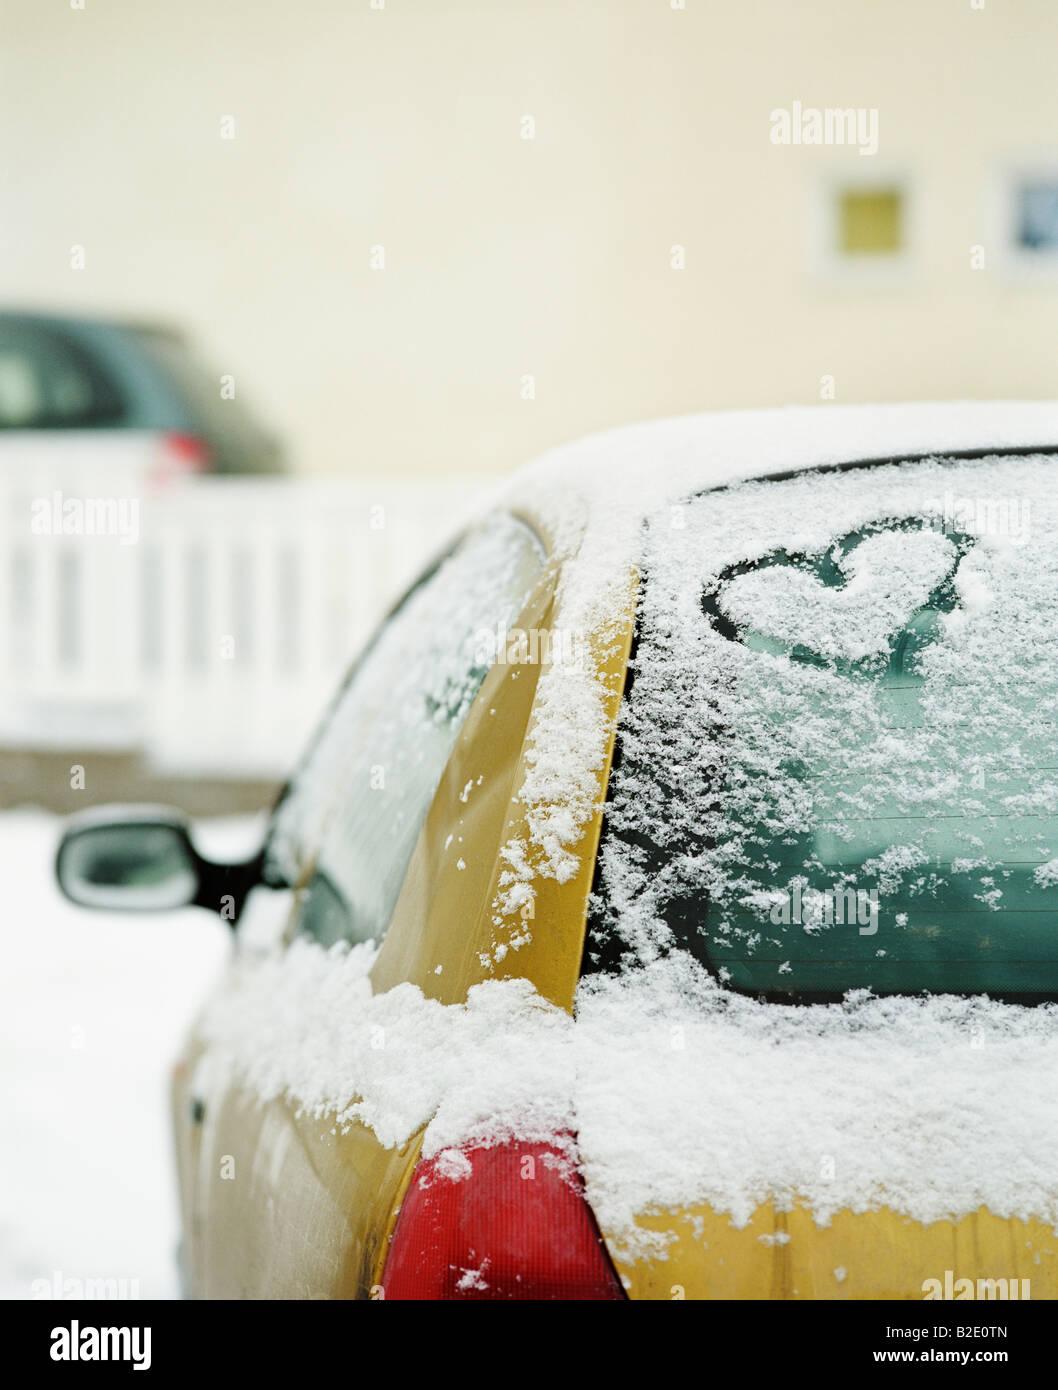 Forma di cuore scolpito su un auto Immagini Stock